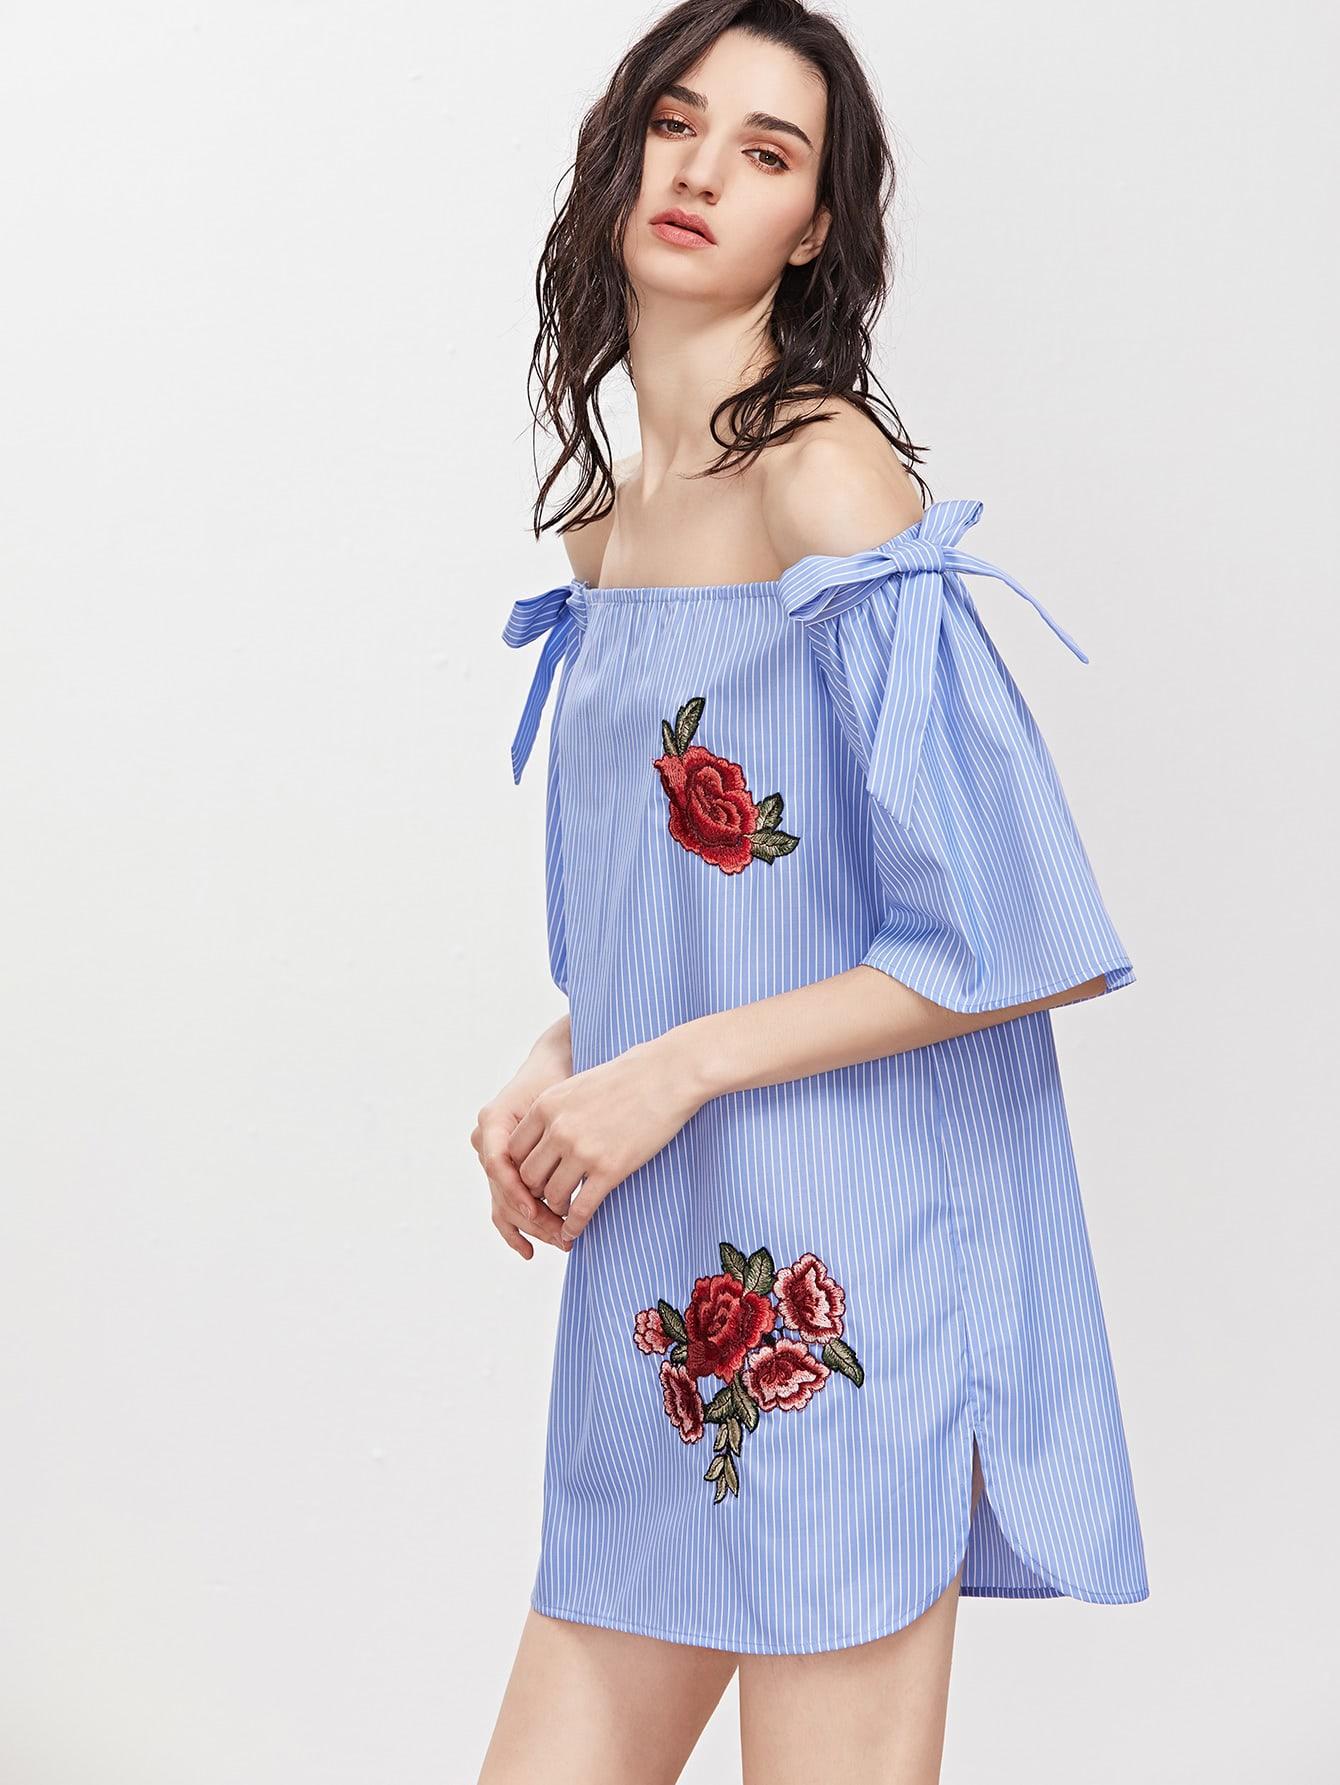 dress161227726_2